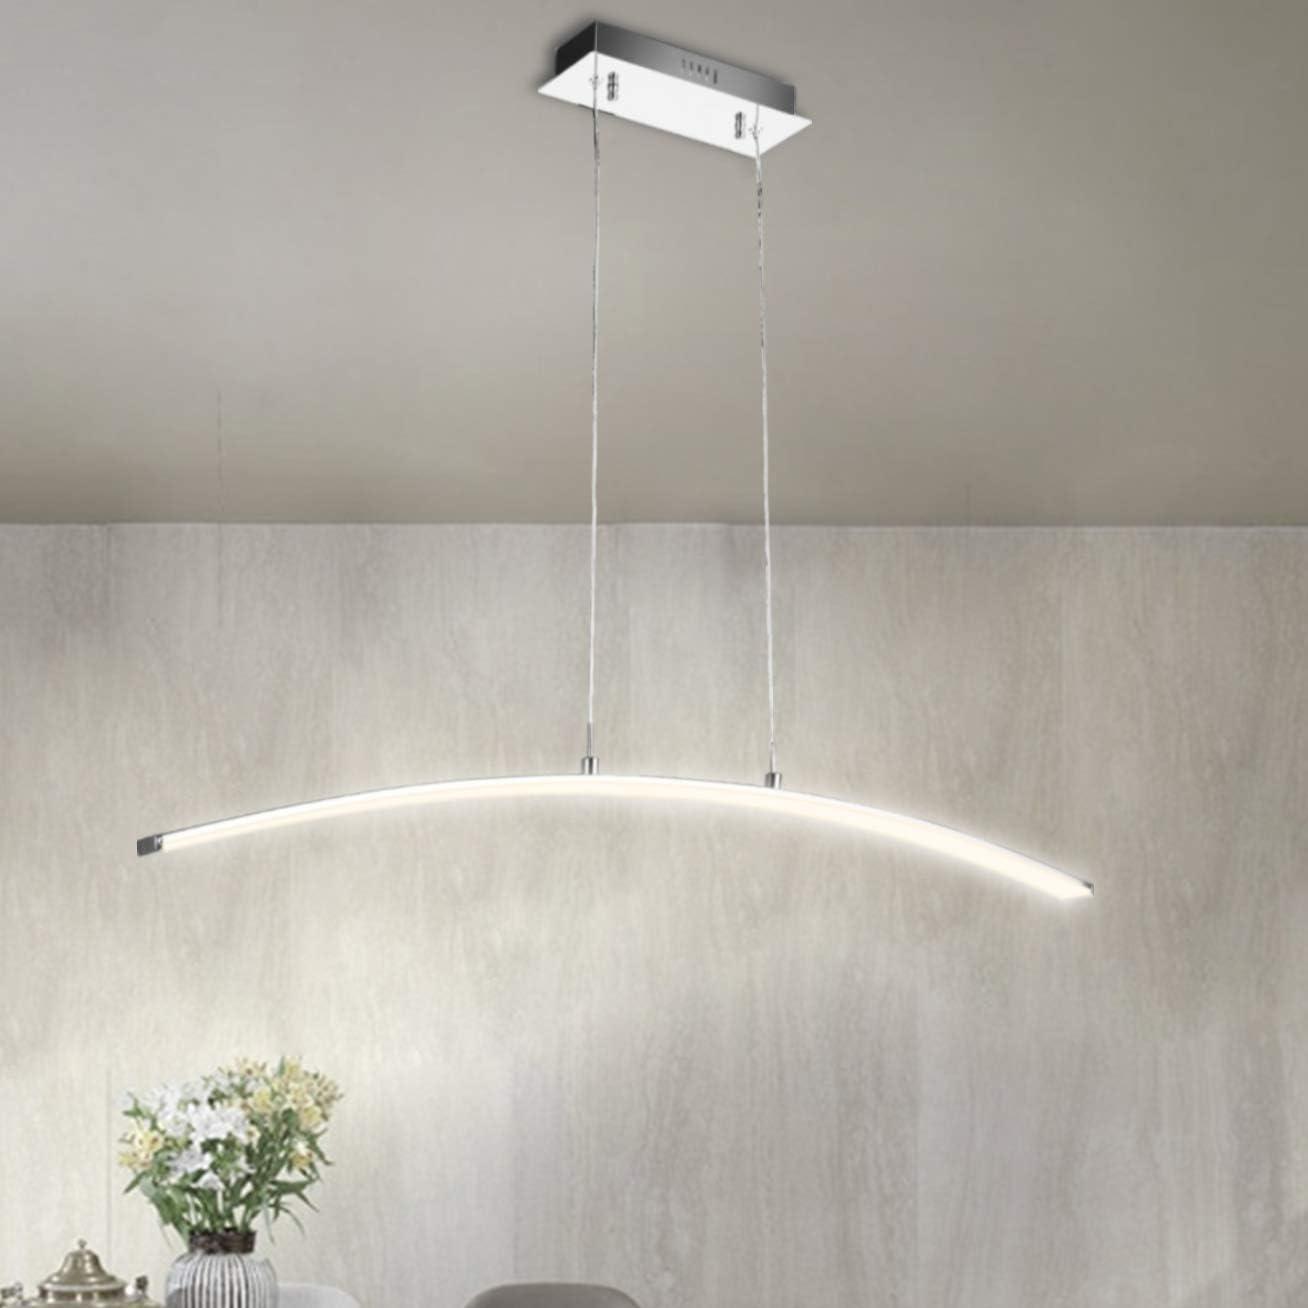 Lámpara colgante LED SPARKOR 30W Esstischleuchte, Diseño moderno, Altura ajustable, Metal, Cromo, 100 x 120 cm Blanco cálido: Amazon.es: Iluminación